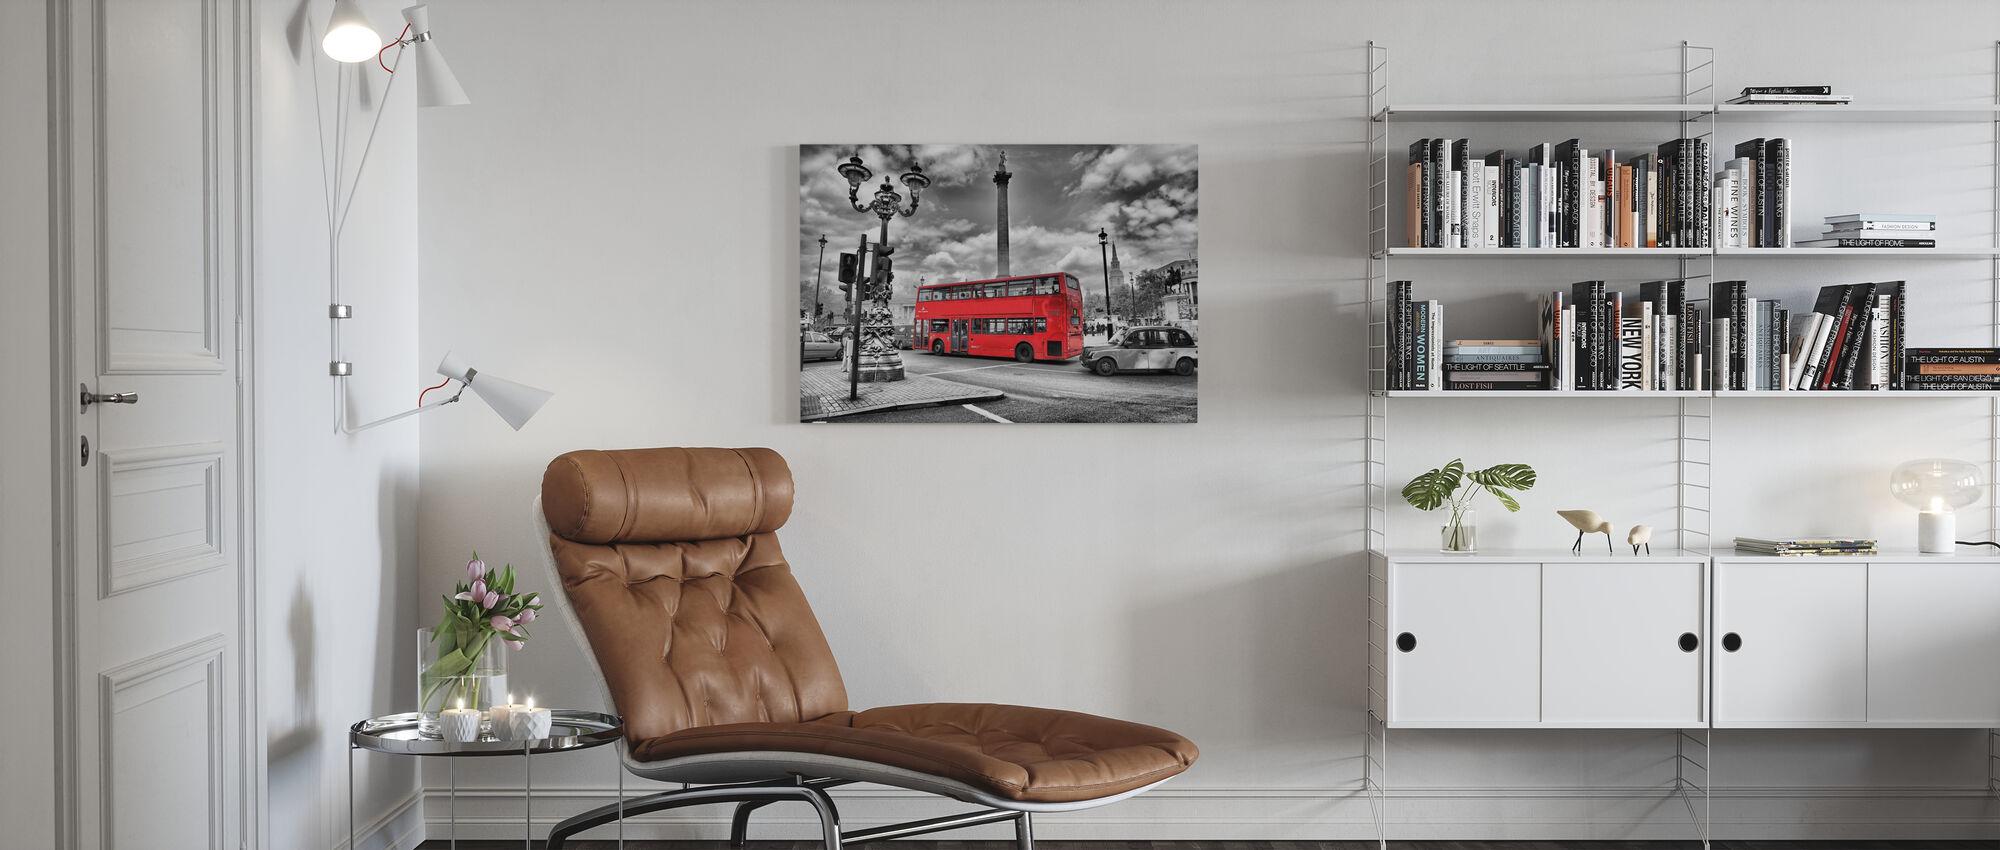 London Bus - Colorsplash - Leinwandbild - Wohnzimmer